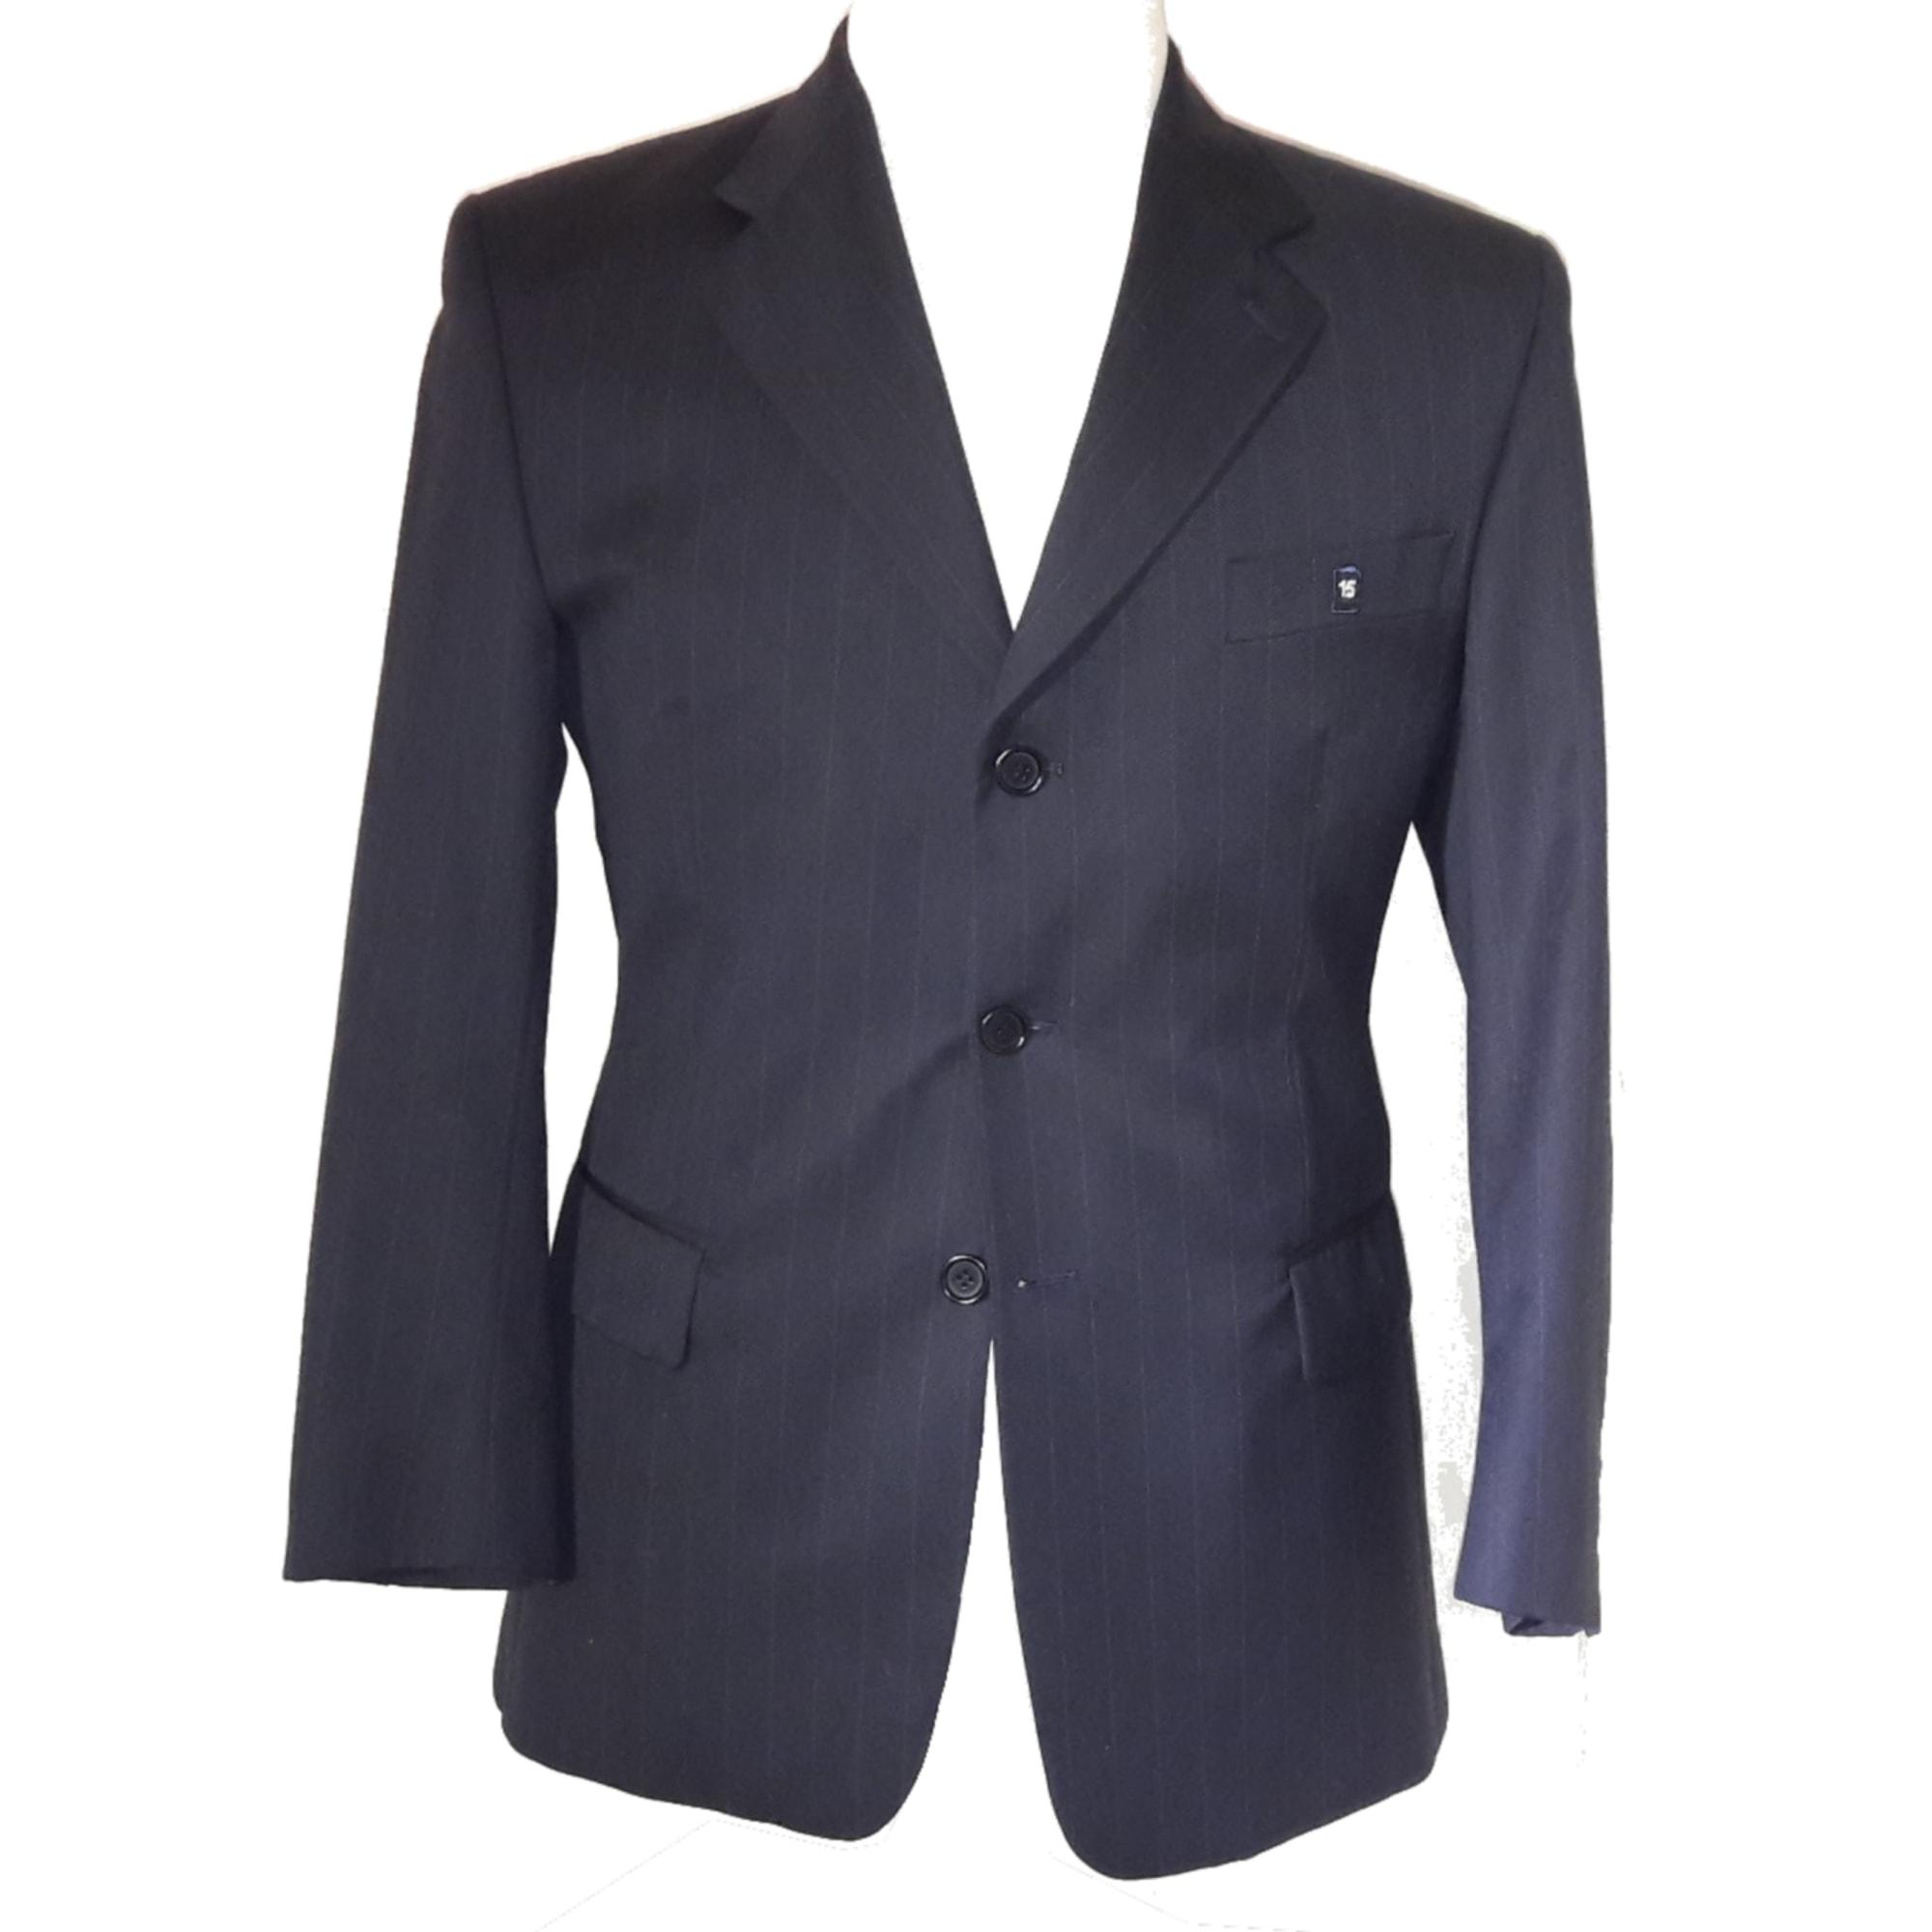 Veste de costume SERGE BLANCO 50 (M) noir - 5528887 9af0729f86c